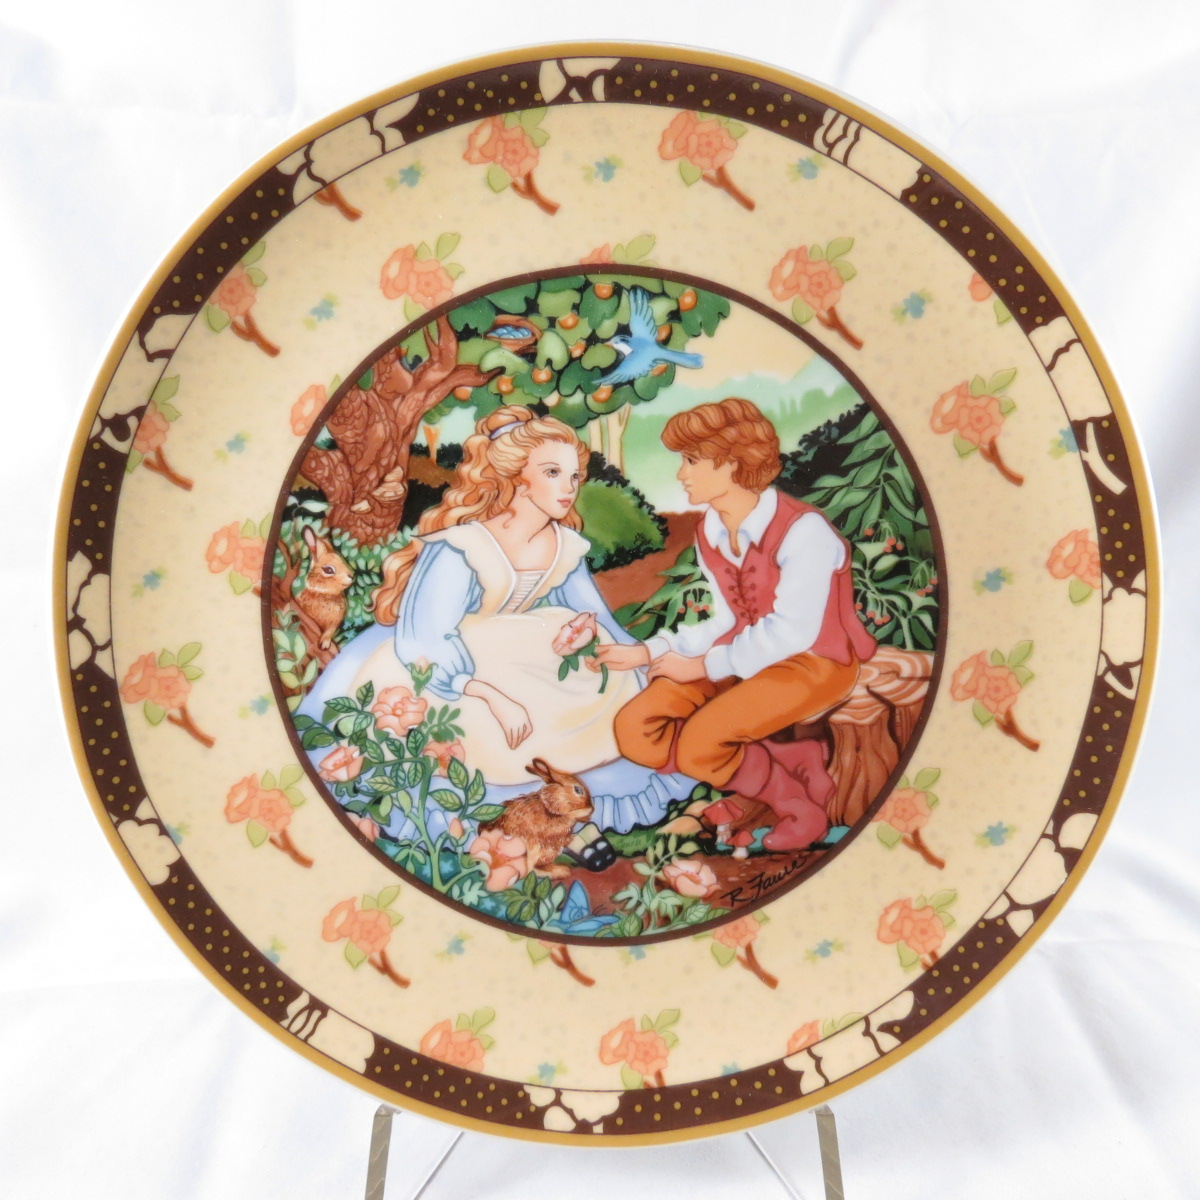 """Декоративная коллекционная тарелка Royal Cornwall """"Сказка Однажды в Рифму: Красные Розы""""."""